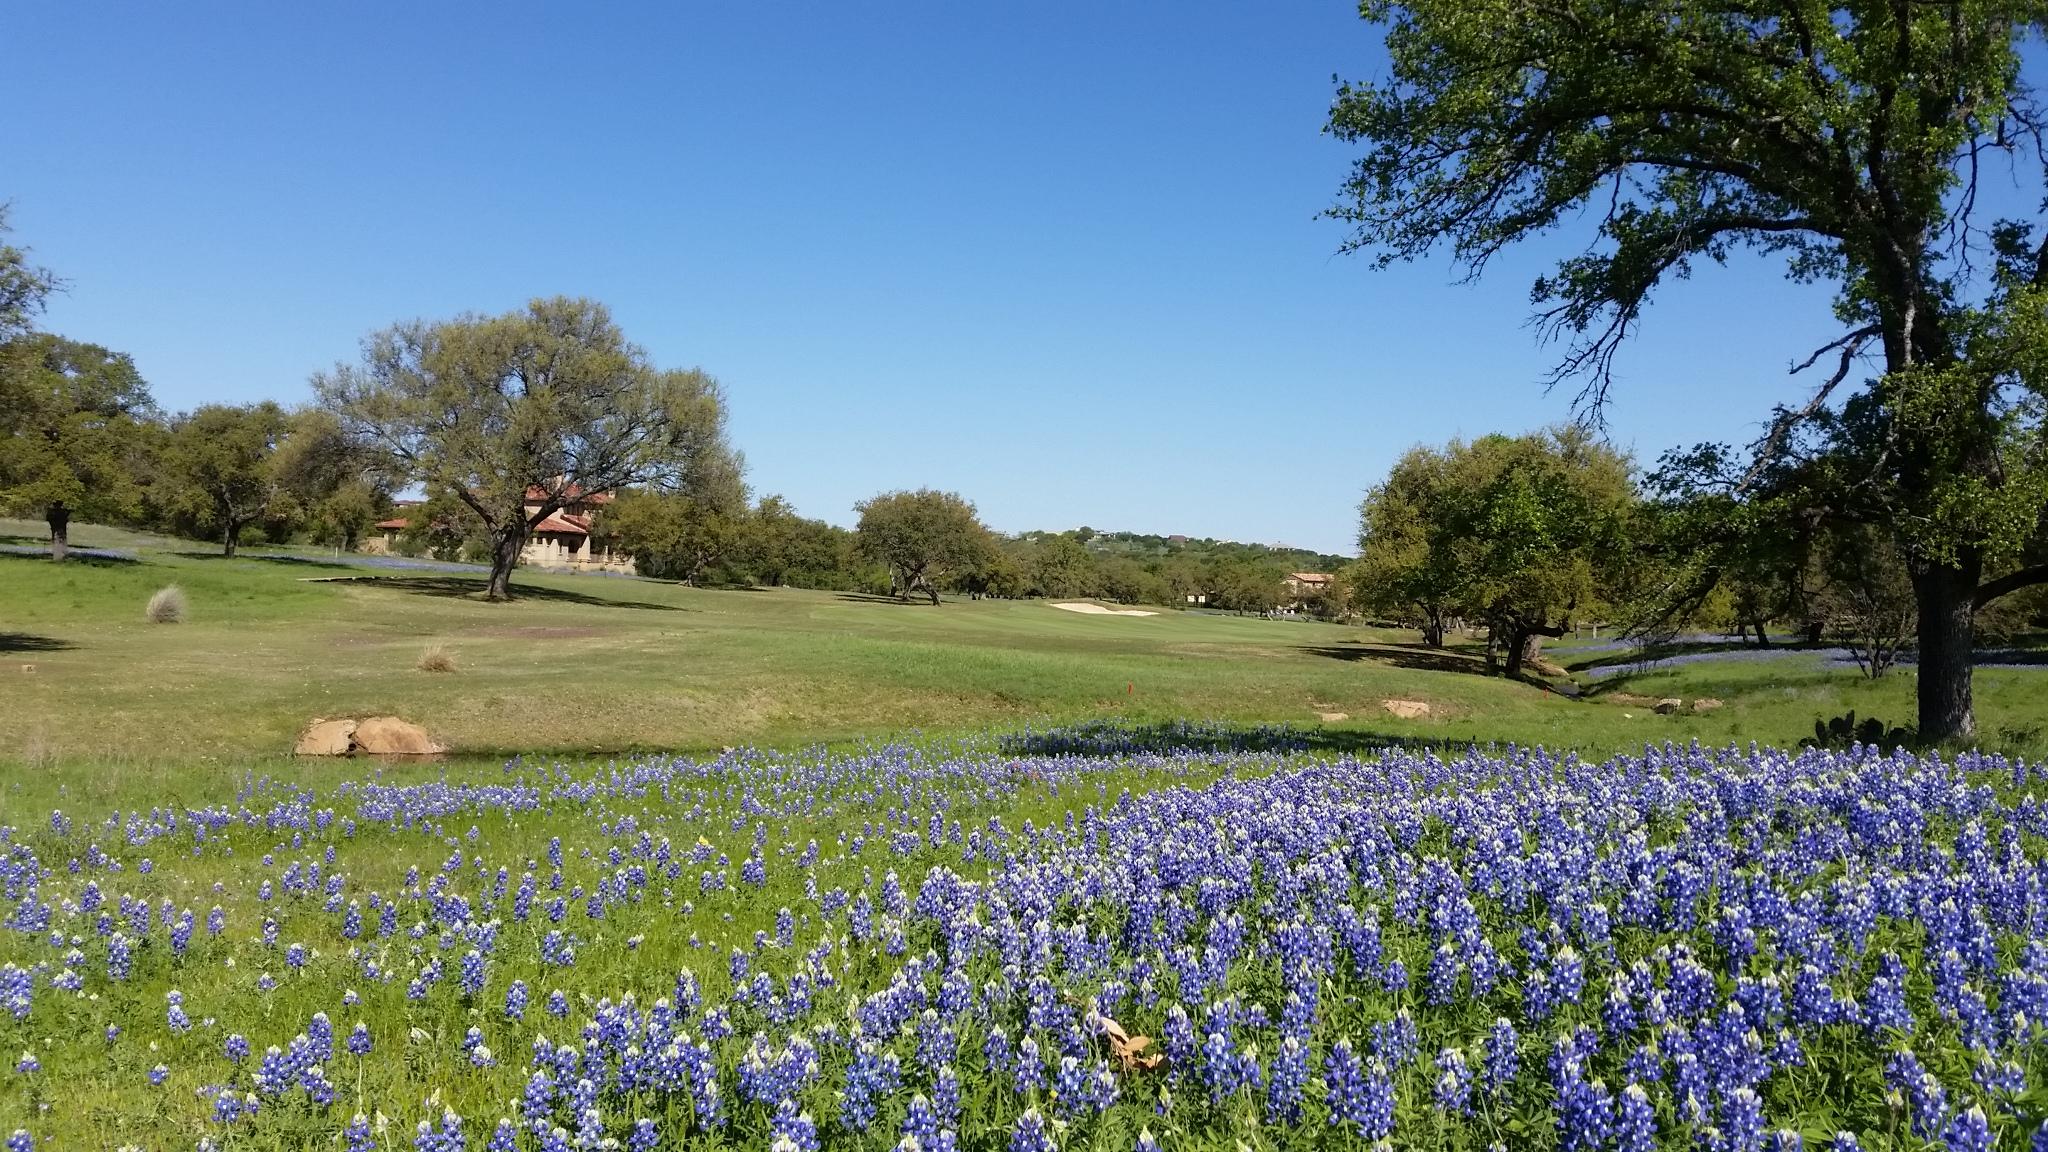 Rural Texas.